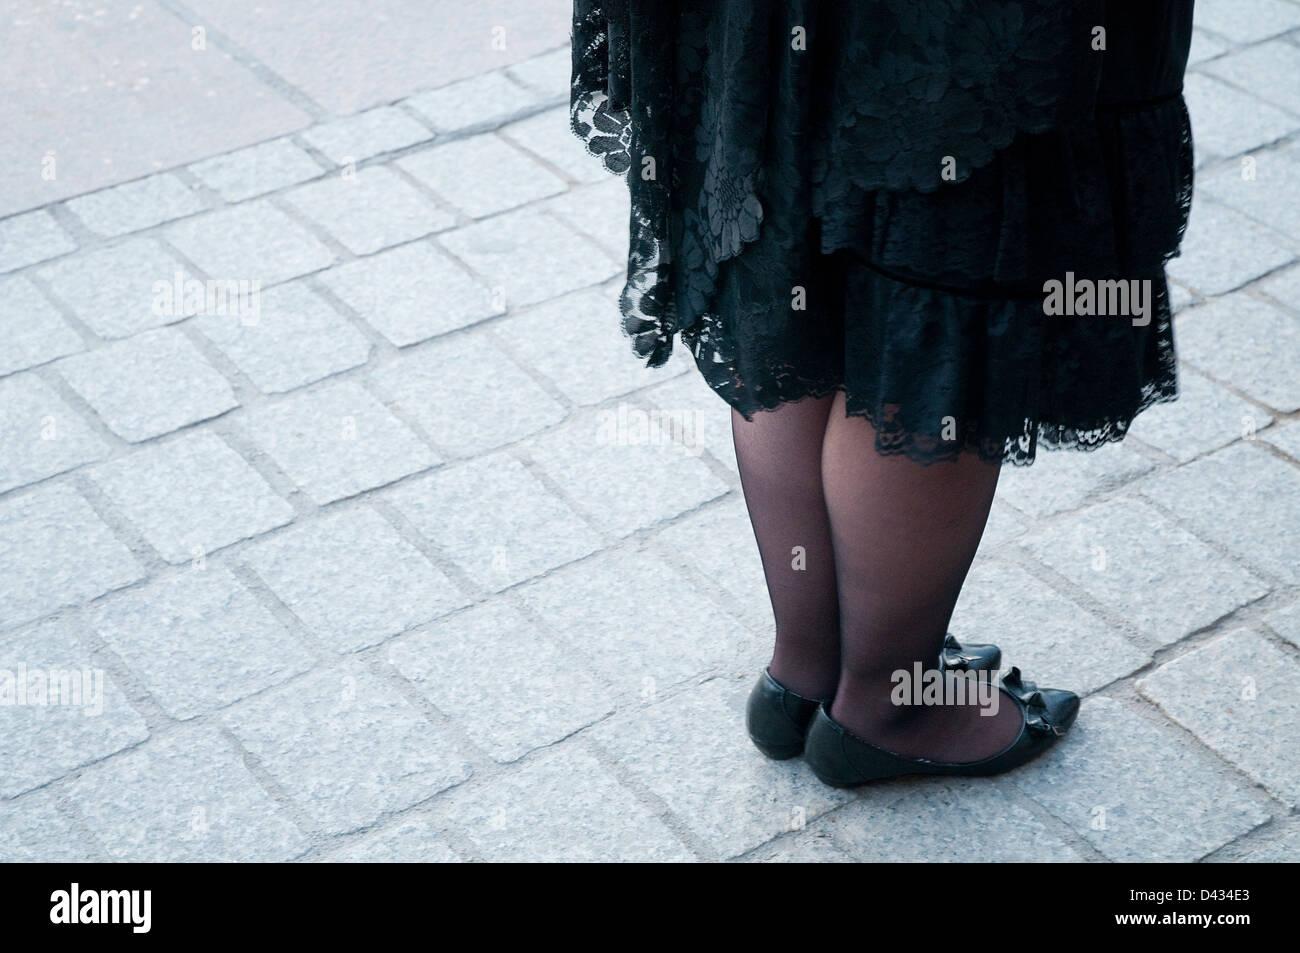 Las piernas de una mujer en una procesión de Semana Santa. Madrid, España. Imagen De Stock